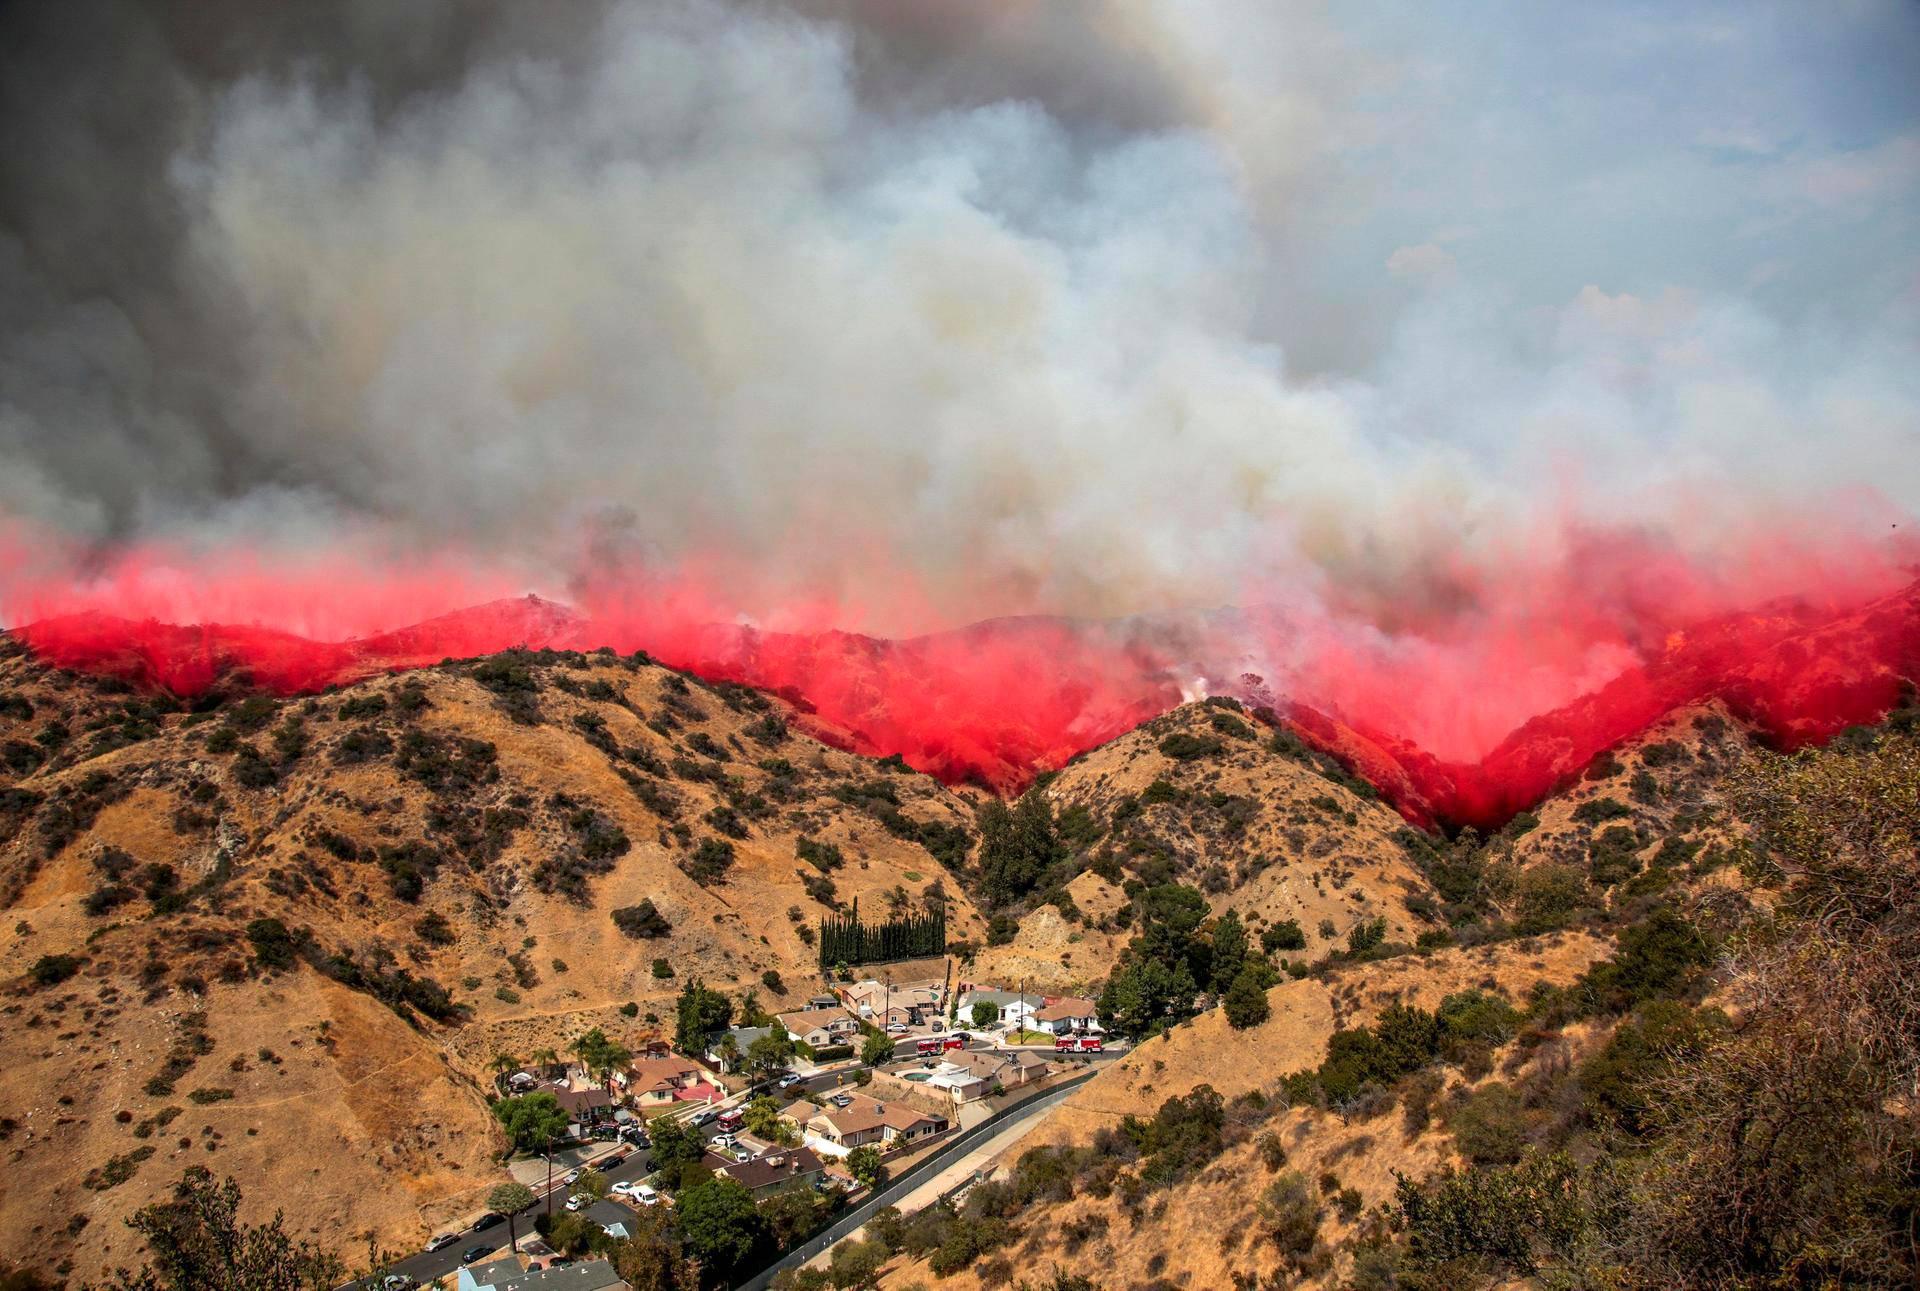 Kalifornian Burbankissa sijaitsevan La Tuna -kanjonin rinteille syntyy punainen raita, kun lentokoneesta on pudotettu sammutuskemikaaleja roihuavan maastopalon päälle lauantaina.